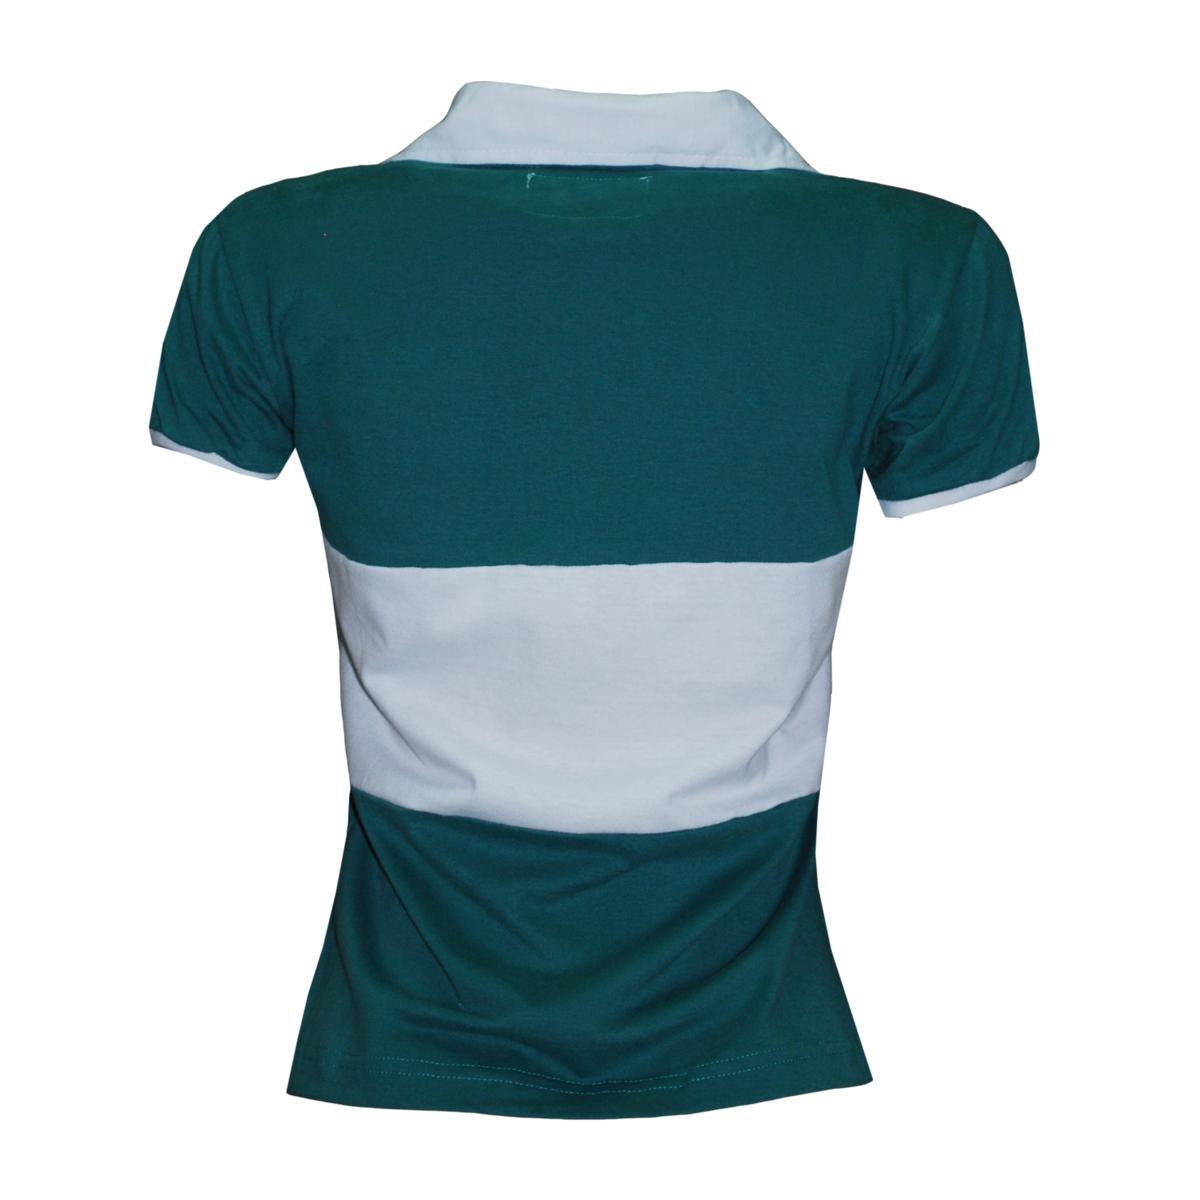 Verde Retrô Camiseta Brasil Rugby Camiseta Feminina Liga Liga gqnwU06